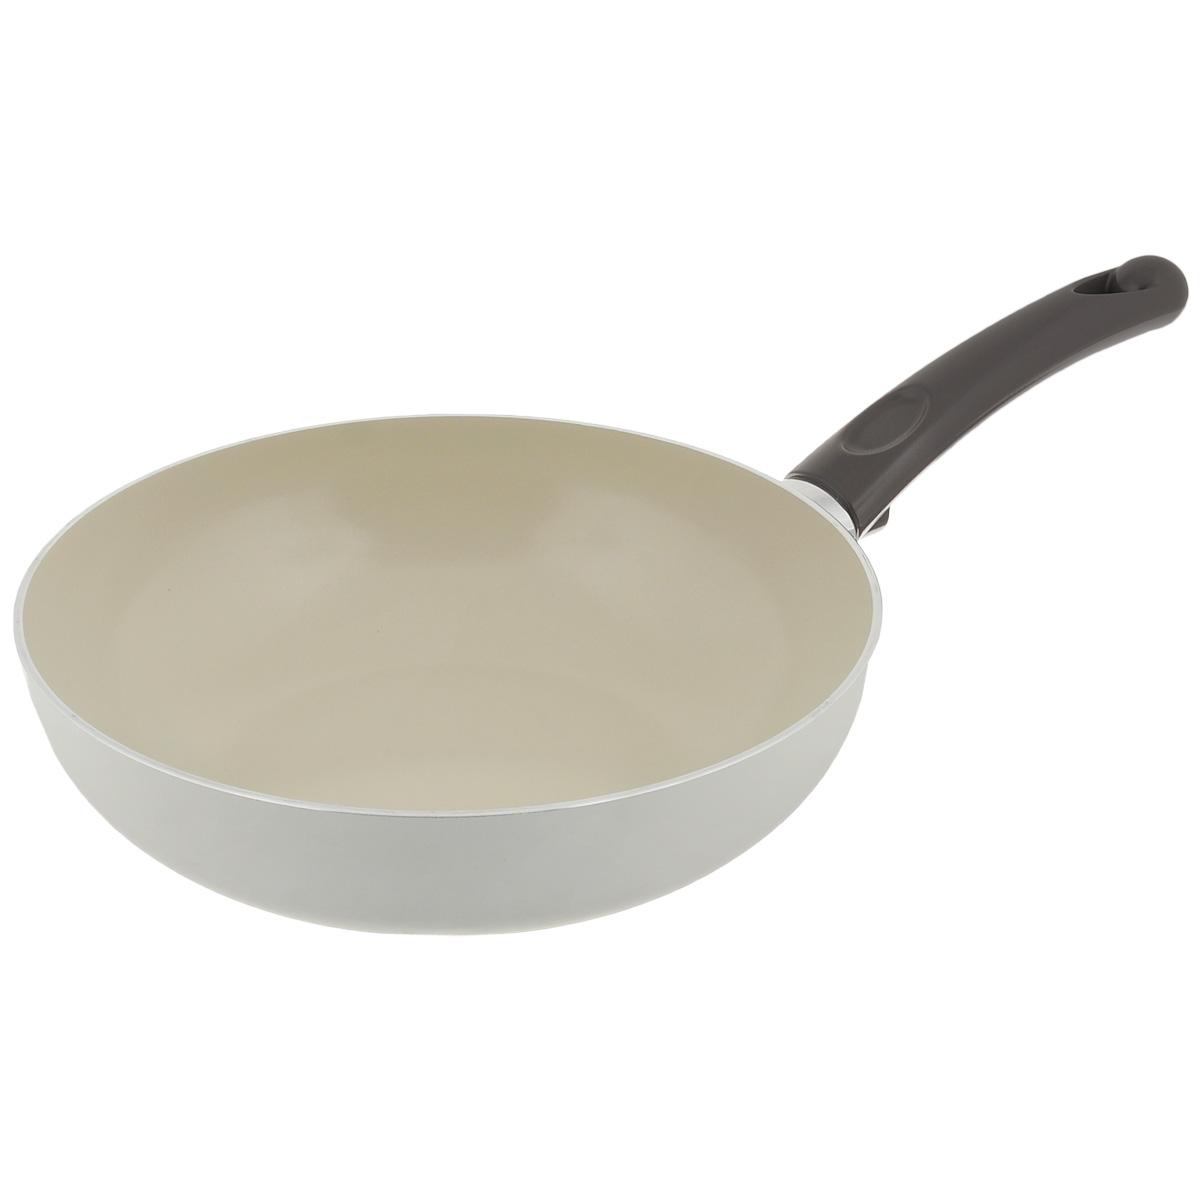 Сковорода-вок TVS Bianca, с антипригарным покрытием, цвет: молочный. Диаметр 27 см4L105272916701Сковорода-вок TVS Bianca выполнена из алюминия с внешним эмалированным покрытием молочного цвета и обладает превосходной теплопроводностью. Идеально подходит для жарки и тушения блюд. Внутреннее антипригарное керамическое покрытие Ceramit позволяет готовить пищу с минимальным количеством масла. Эргономичная ручка, изготовленная из бакелита, имеет плавные формы, которые подчеркивают стиль сковороды. Сковорода-вок TVS Bianca изготовлена из экологичных материалов, что делает ее пригодной для приготовления пищи детям. Подходит для всех видов плит, кроме индукционных. Можно мыть в посудомоечной машине. Коллекция посуды Bianca - серия кухонной посуды с керамическим покрытием Ceramit. Отличается своей экологичностью и непревзойденной непористой гладкой антипригарной поверхностью молочного цвета. Компания TVS была основана в 1968 году. Основными принципами, которых придерживается компания, являются экологическая безопасность производства,...